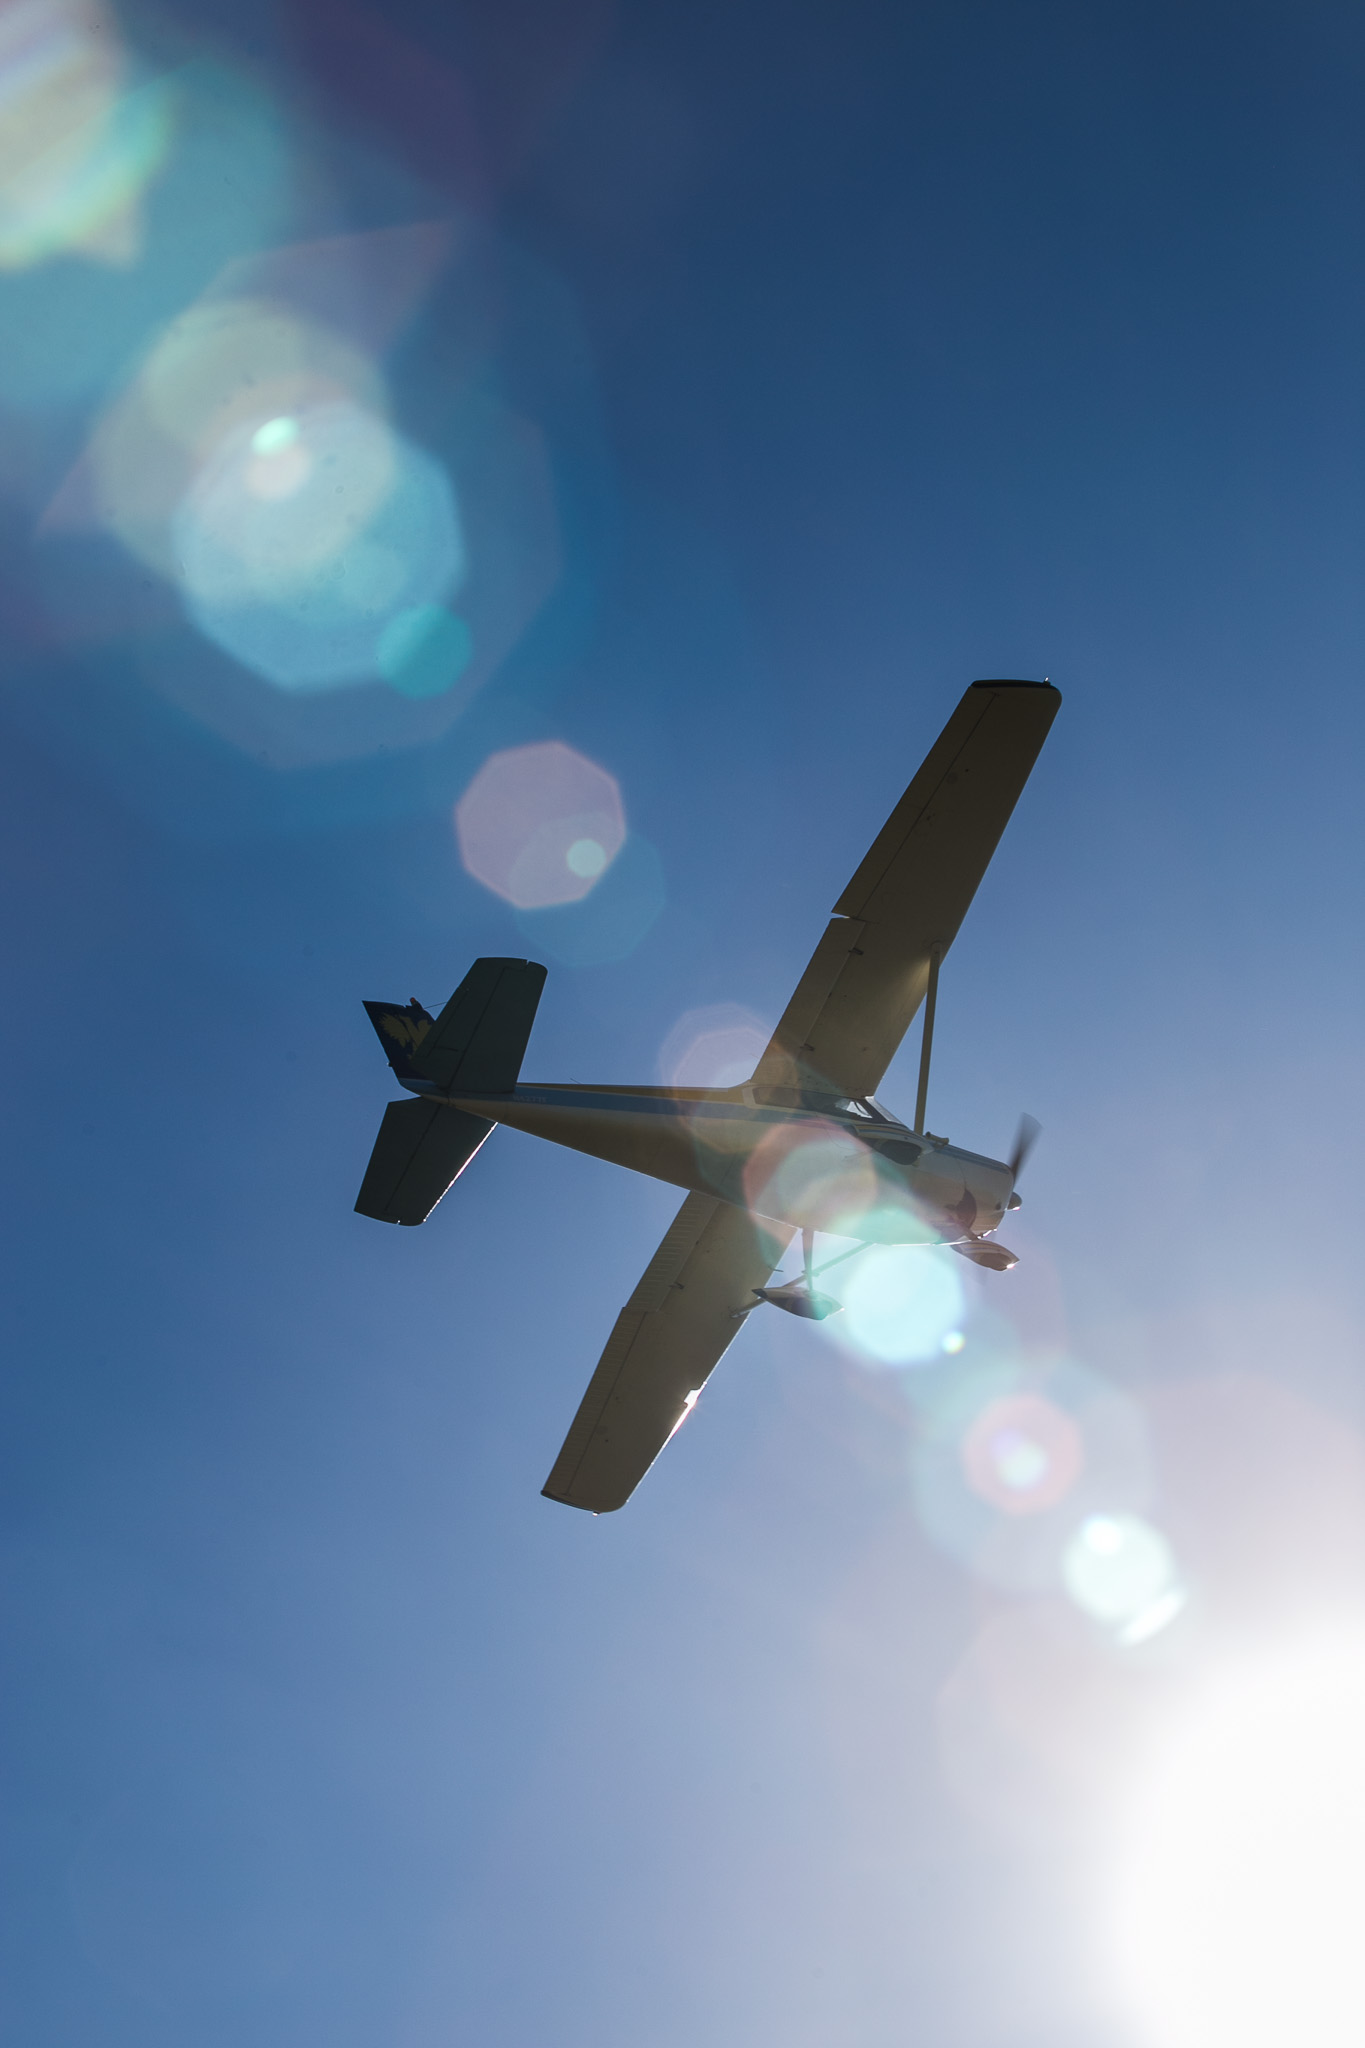 fbfly-in-7753